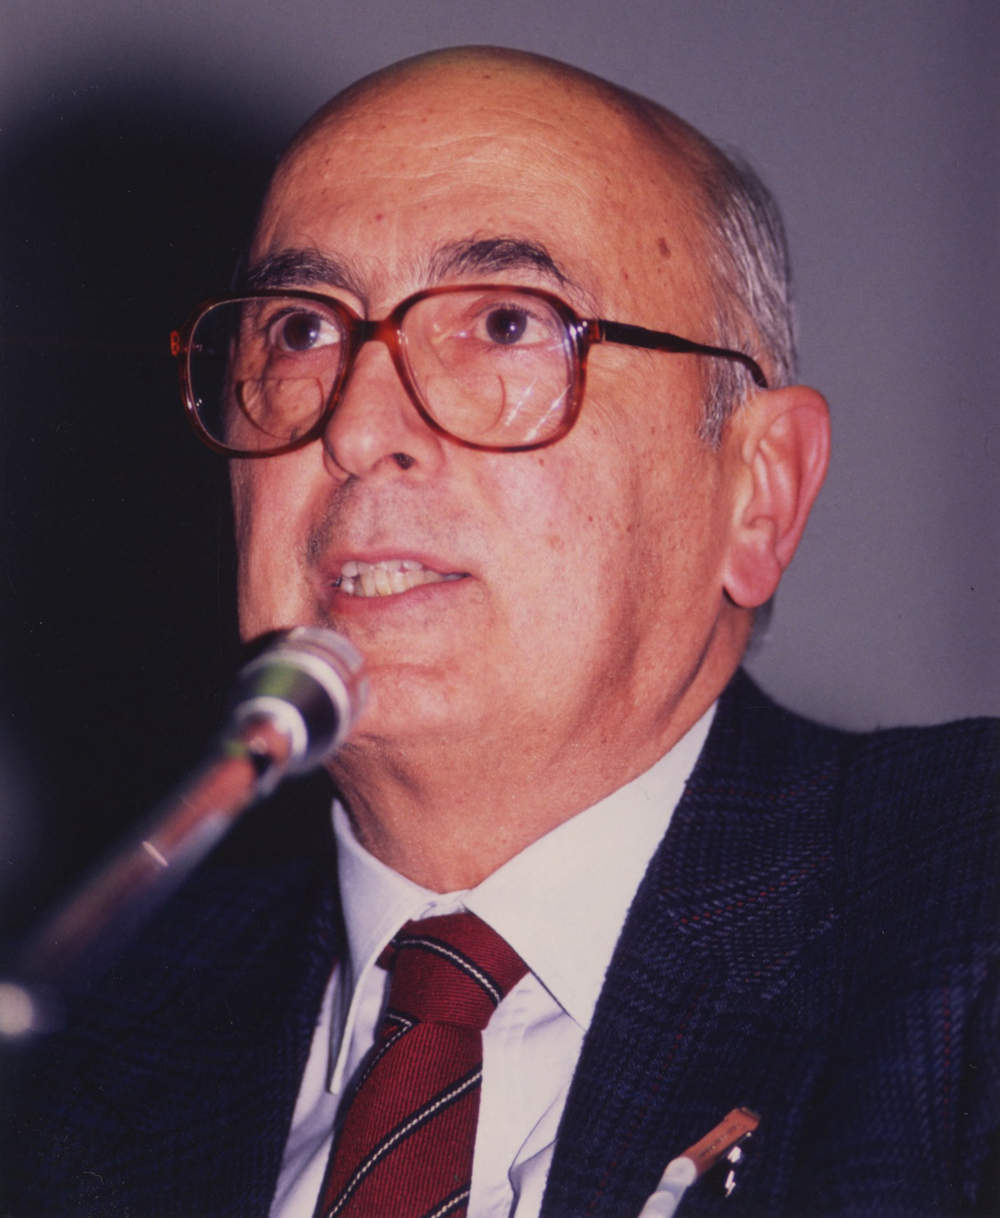 """Intervento di Giorgio Napolitano.. Convegno Internazionale. """"Prospettive della Pace in Medio Oriente"""".16 Novembre 1989. Milano, Sala Alessi, Palazzo Marino."""